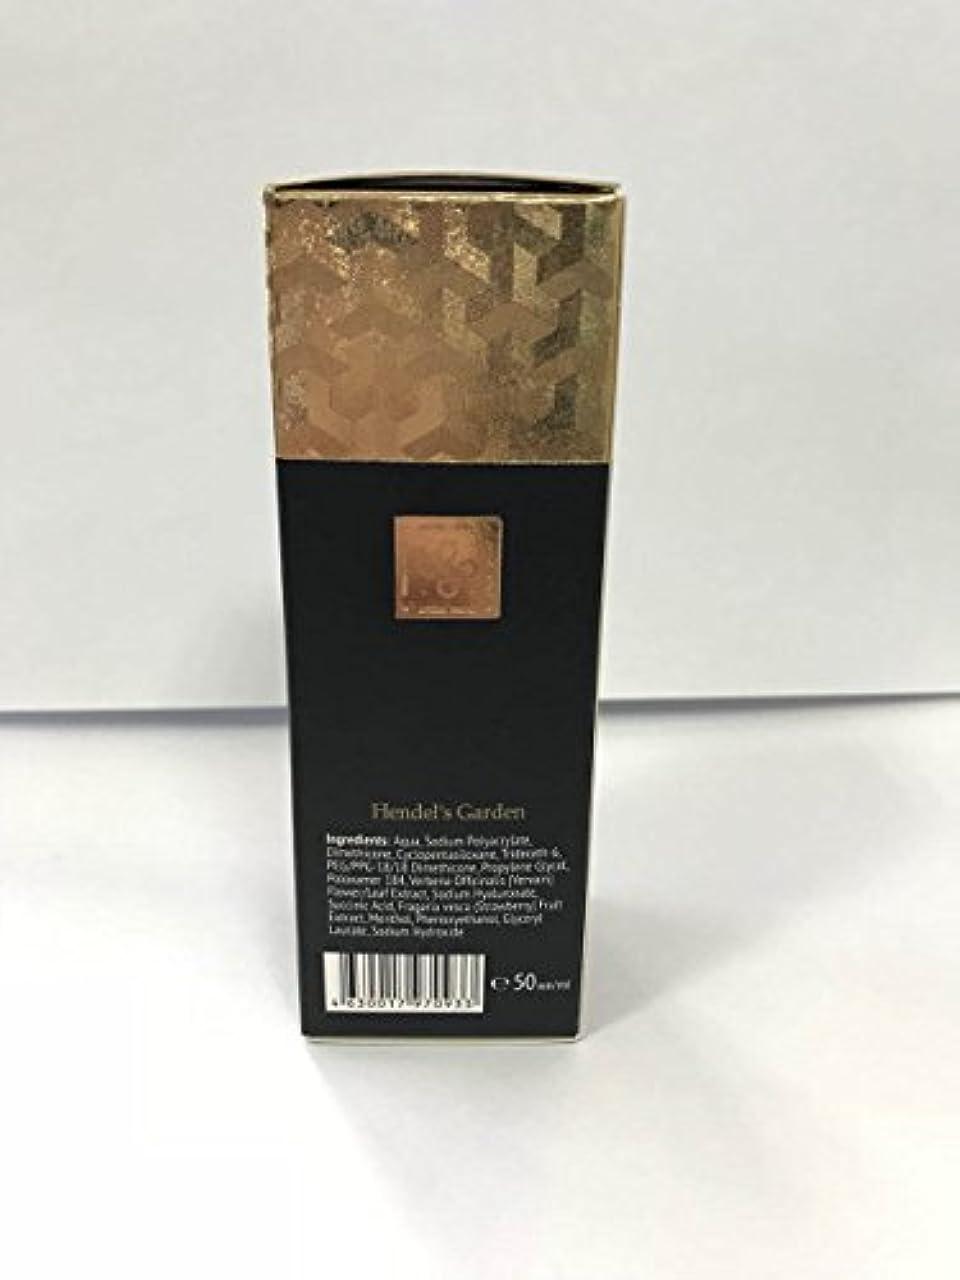 名誉採用メンバータイタンジェル ゴールド Titan gel Gold 50ml 日本語説明付き [並行輸入品]